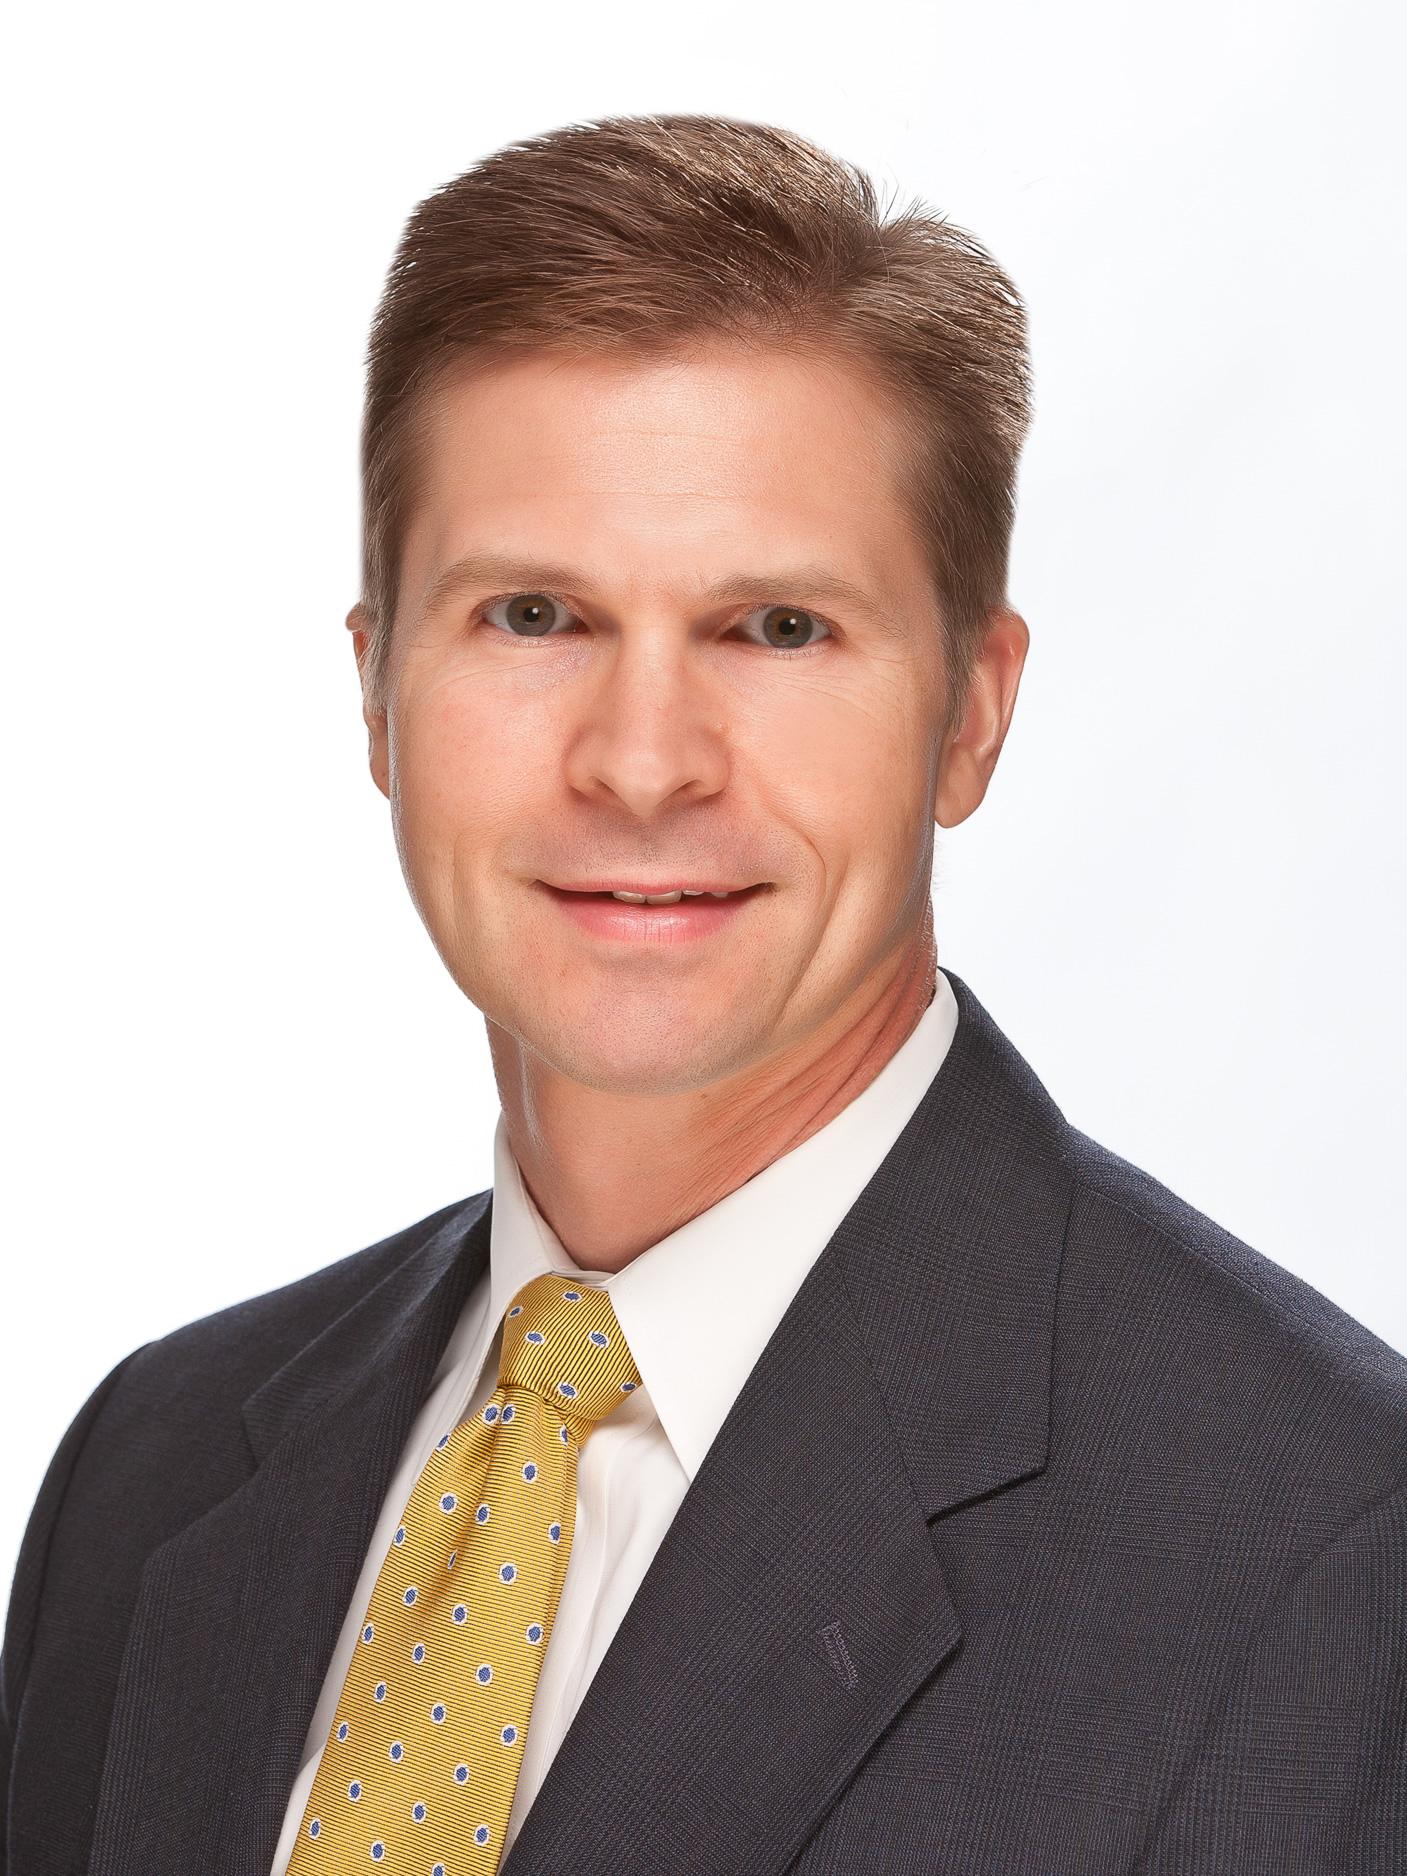 Joyner Spotlight: Bill Phillips, CCIM